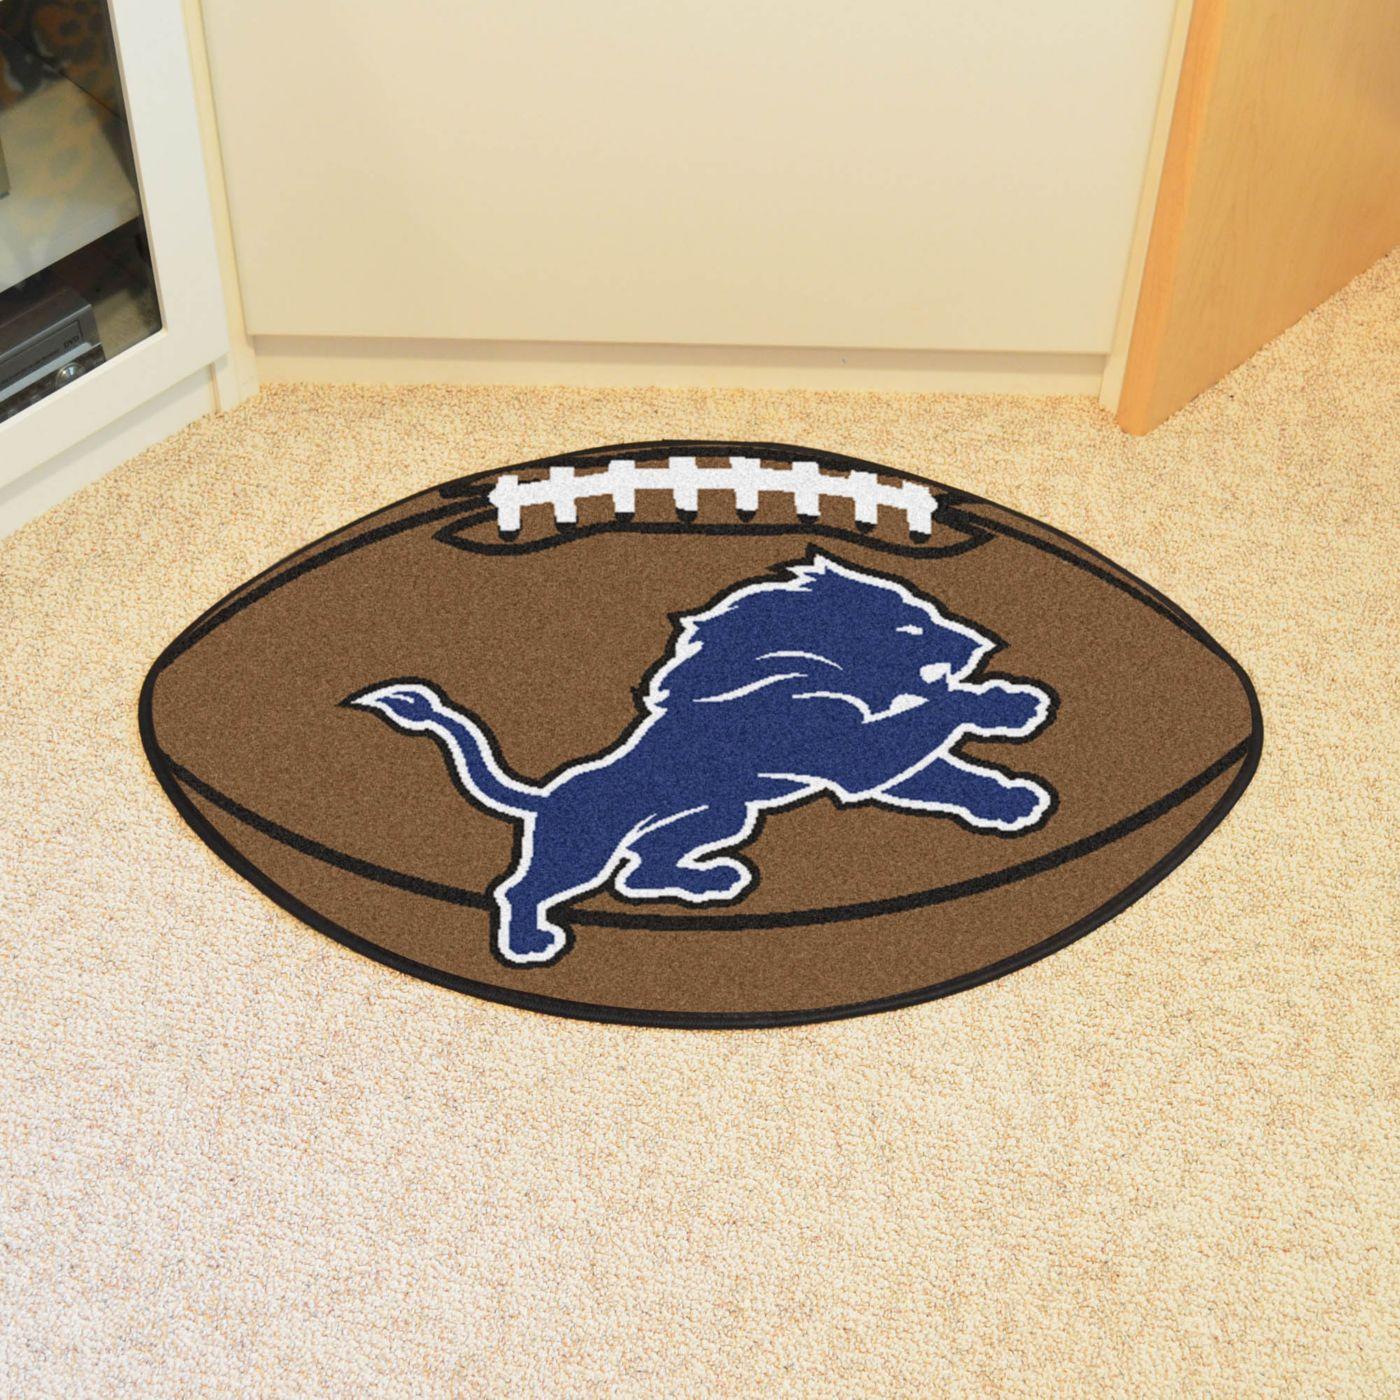 Detroit Lions Football Mat